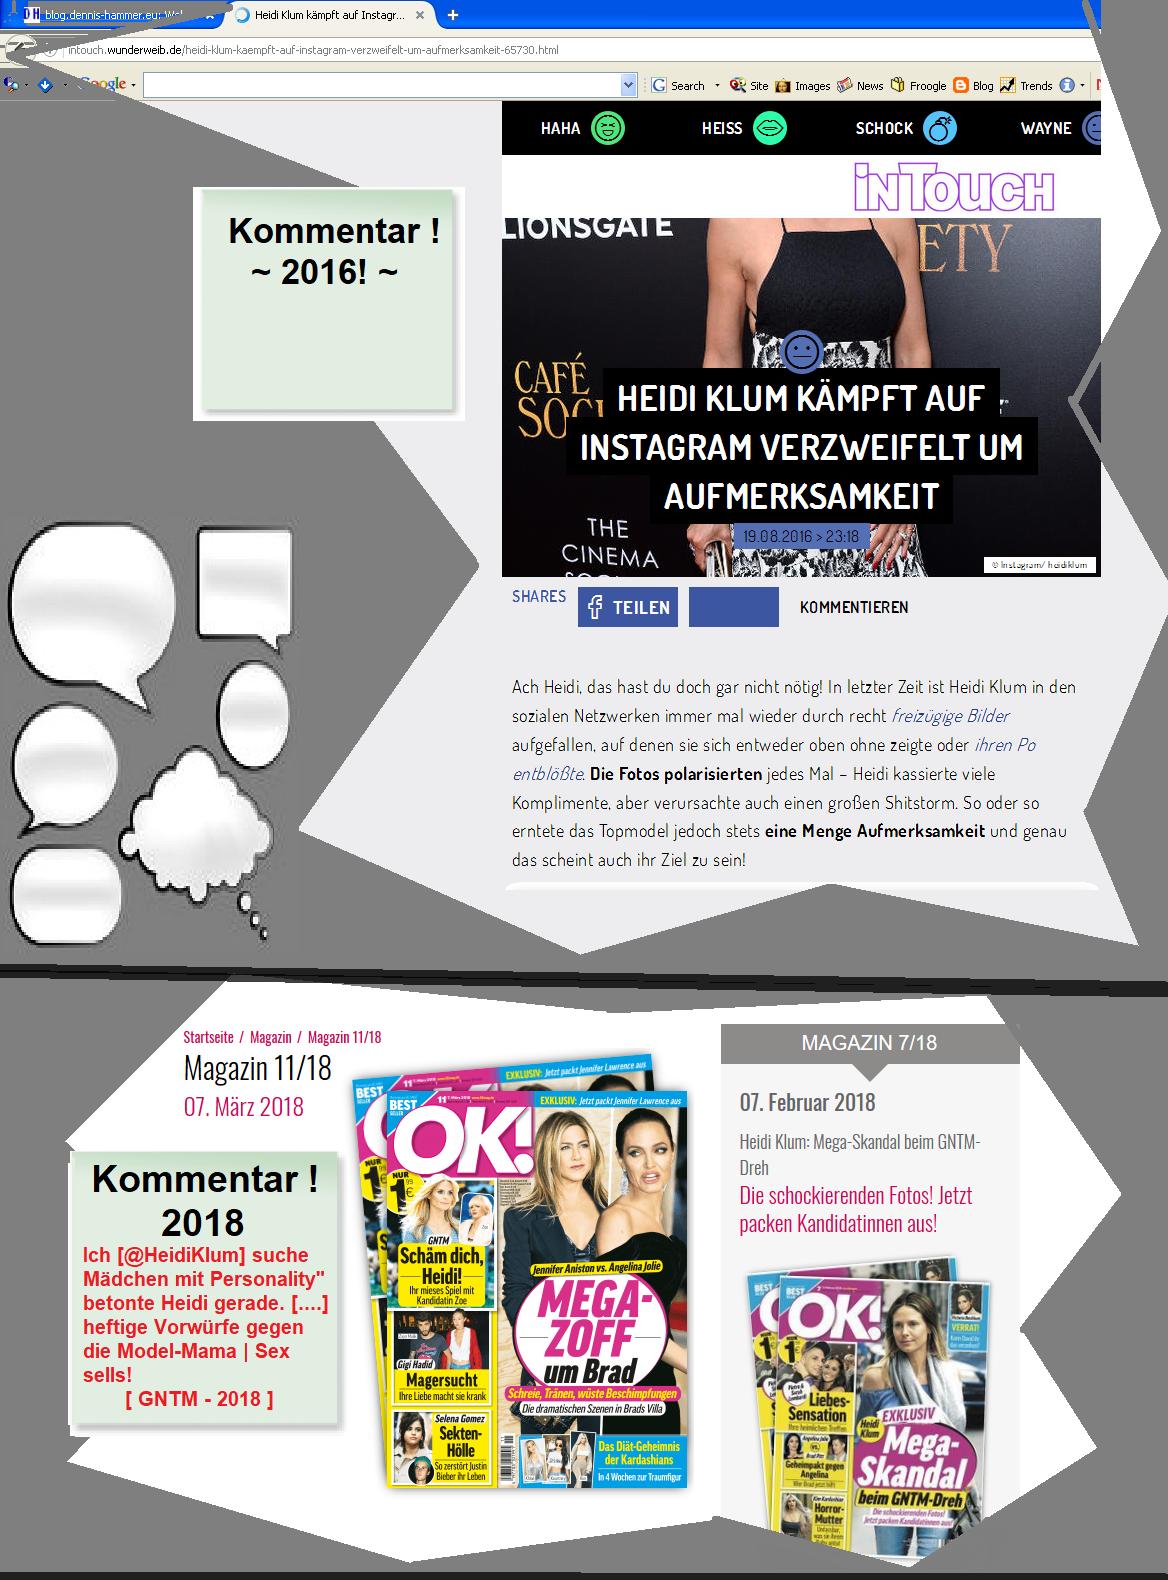 Heidi Klum kämpft verzweifelt in Instagram um Aufmerksamkeit